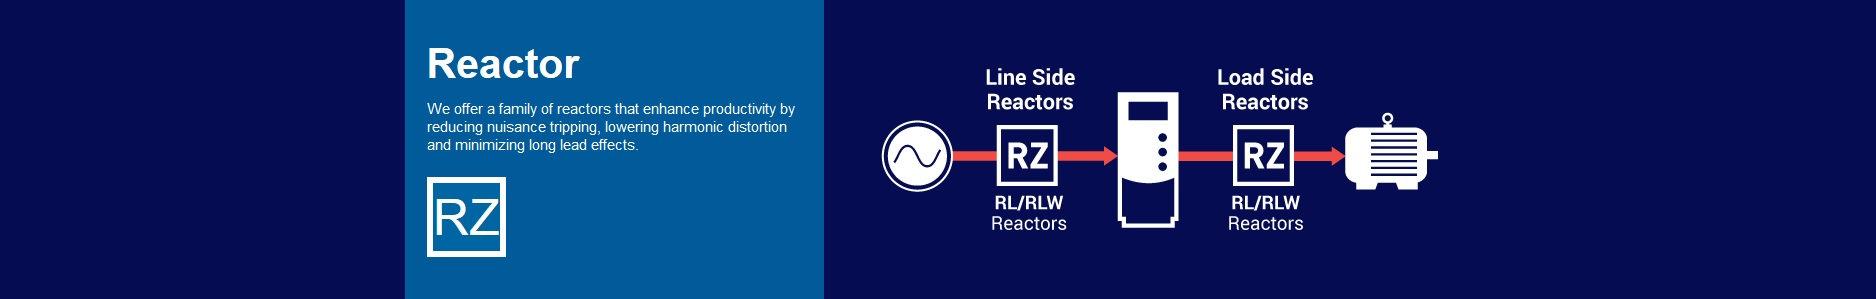 Reactors Banner.jpg